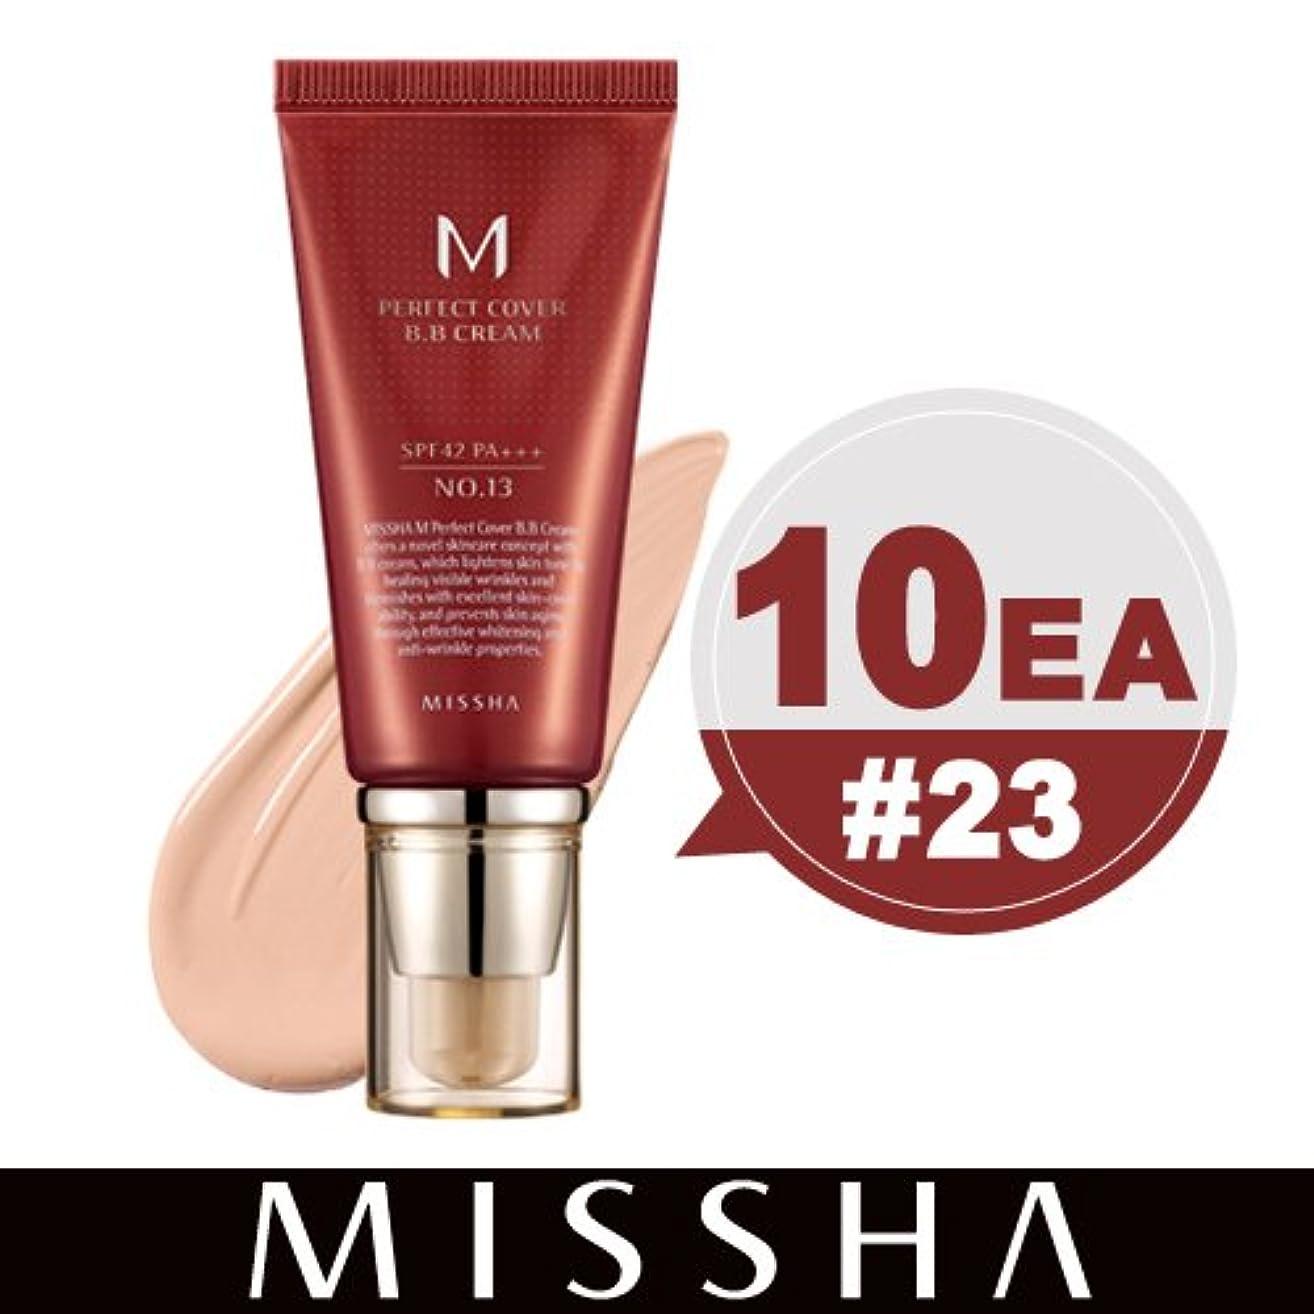 終了する活性化する起訴する[MISSHA/ミシャ] M パーフェクトカバーBBクリーム UV SPF42 PA+++ (No.23)10本 セット [HONEST SKIN海外直送品]